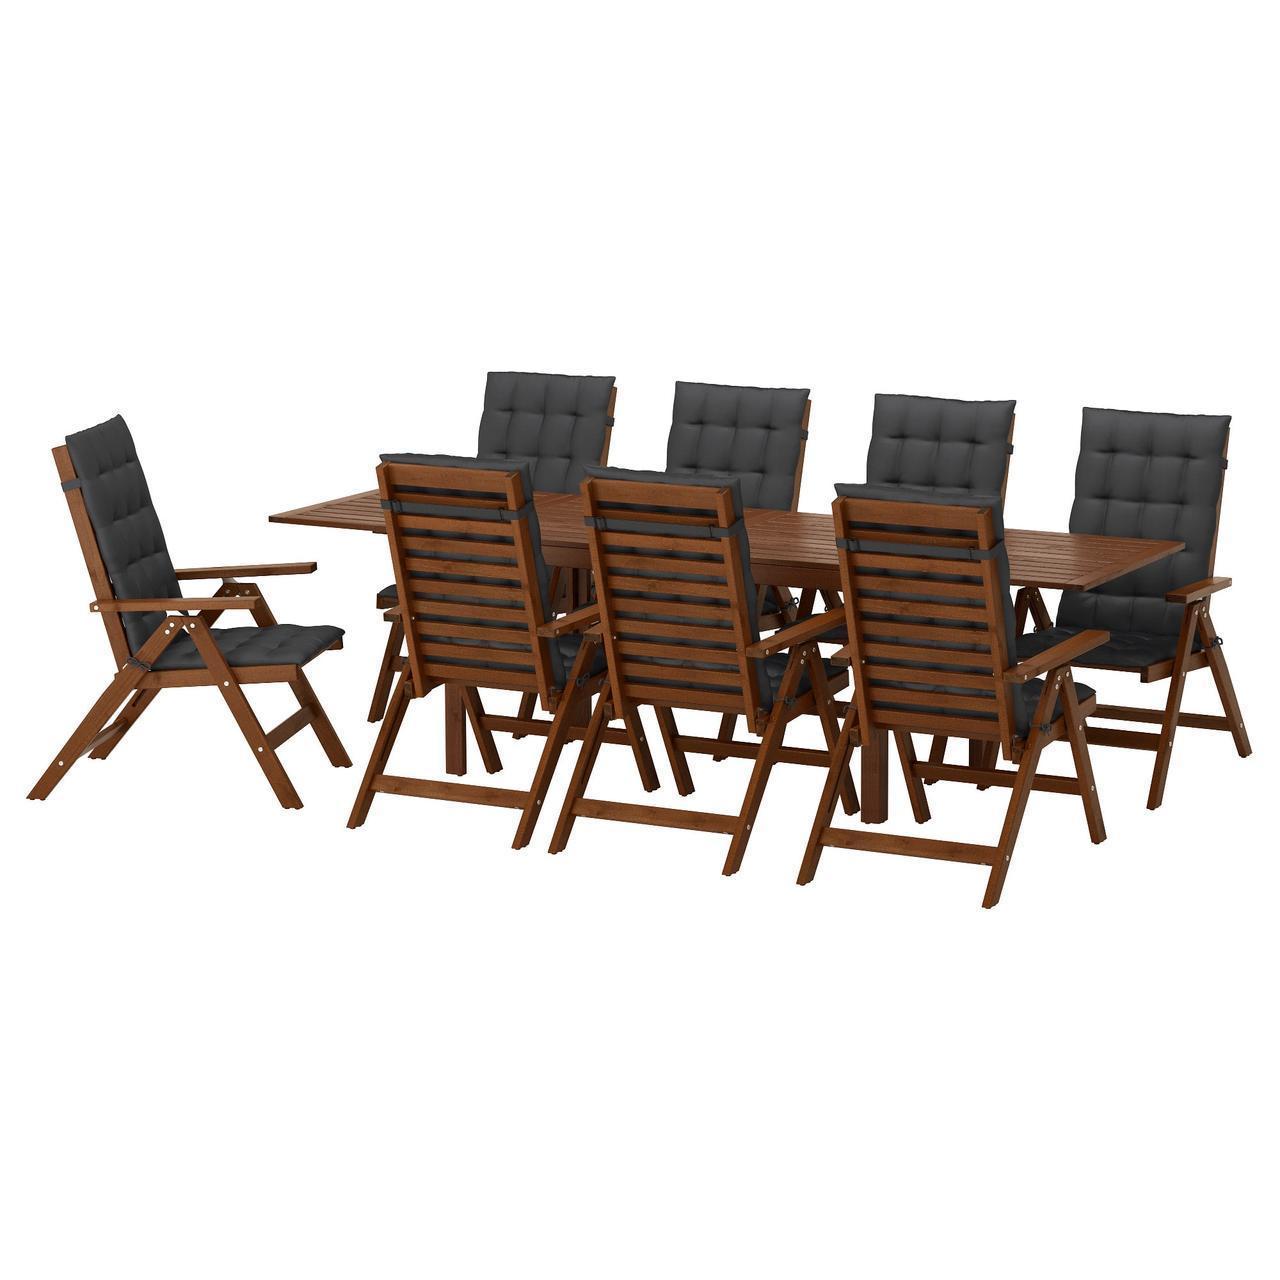 IKEA APPLARO Садовый стол и 8 раскладных стульев, коричневая морилка, Холло (991.569.31)